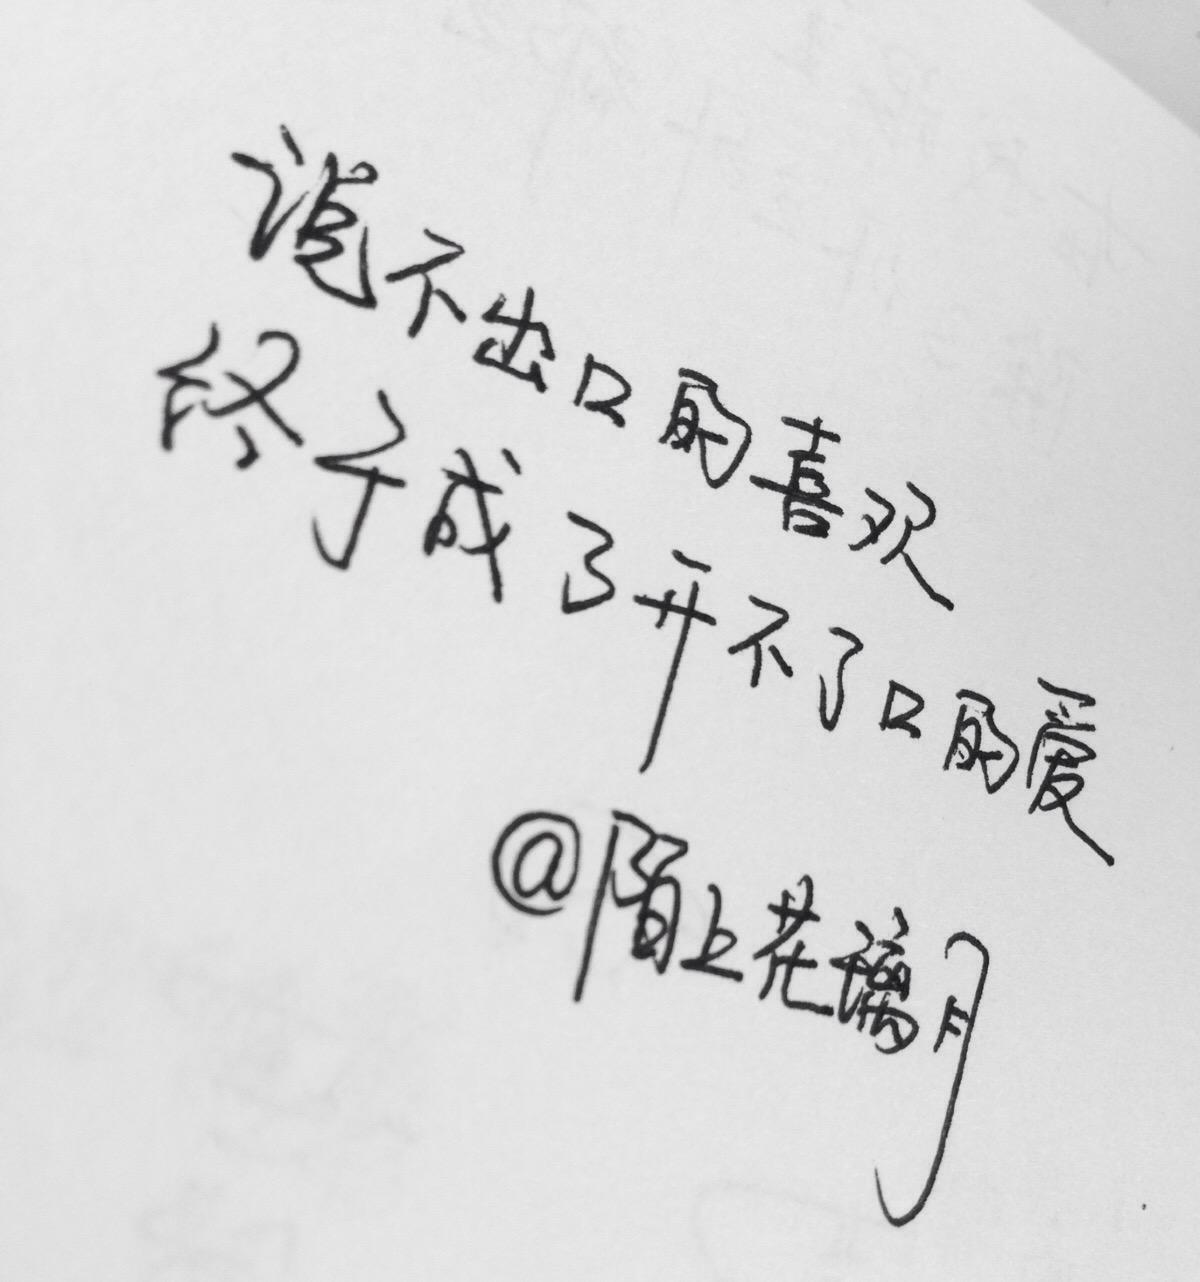 情感语录短句霸气【能听哭情感语录短句】